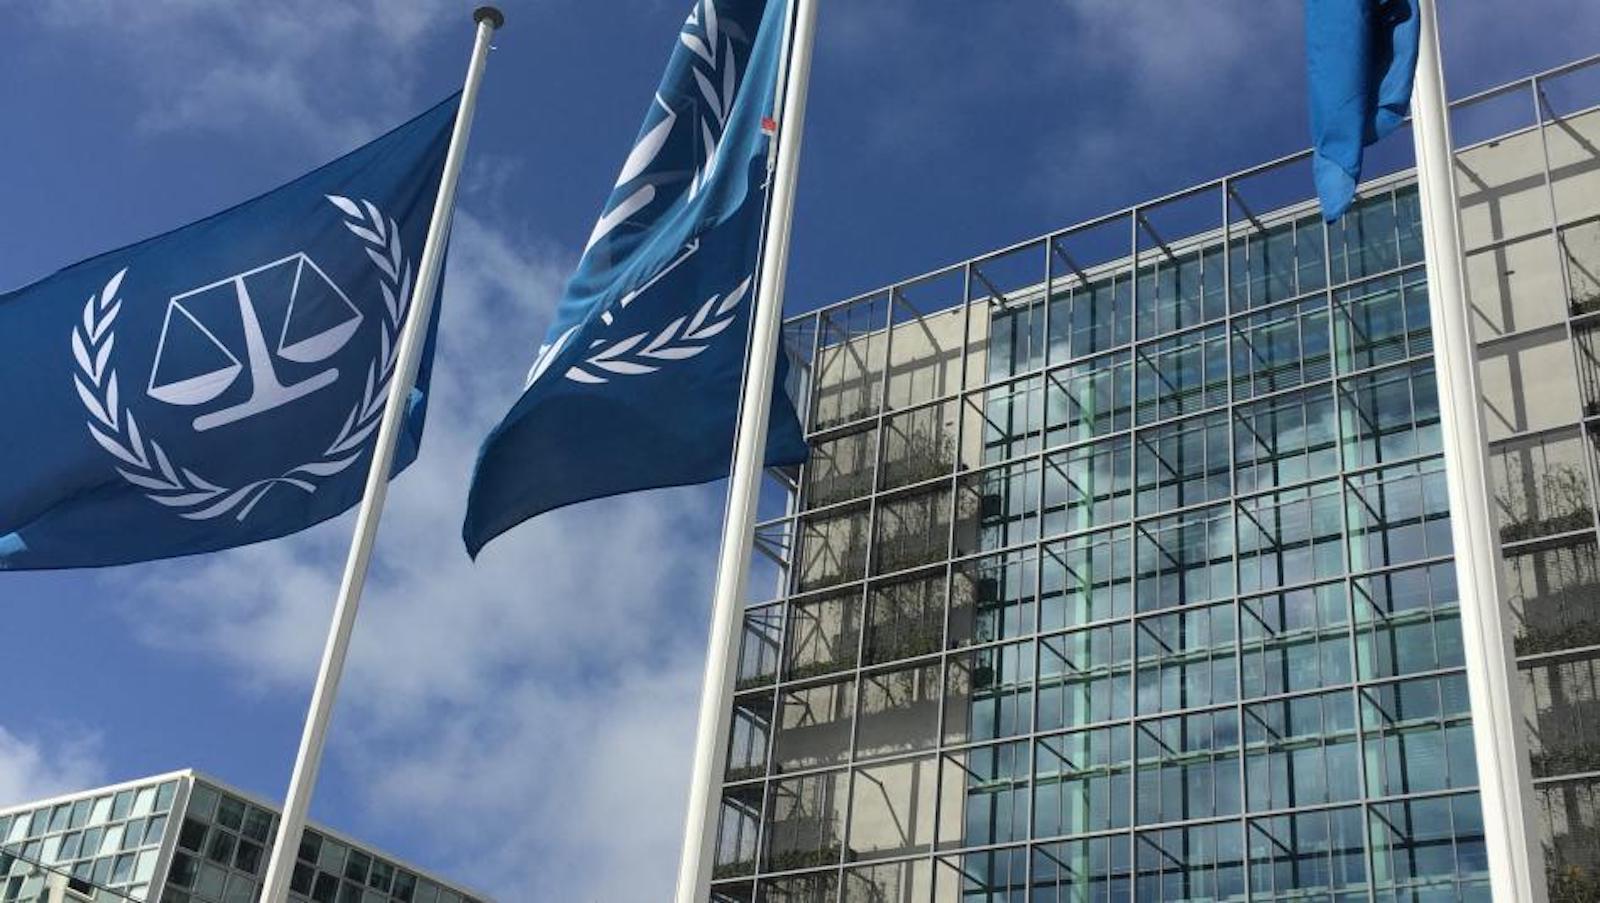 BM'den UCM'ye İsrail-Hamas saldırılarını soruşturma çağrısı